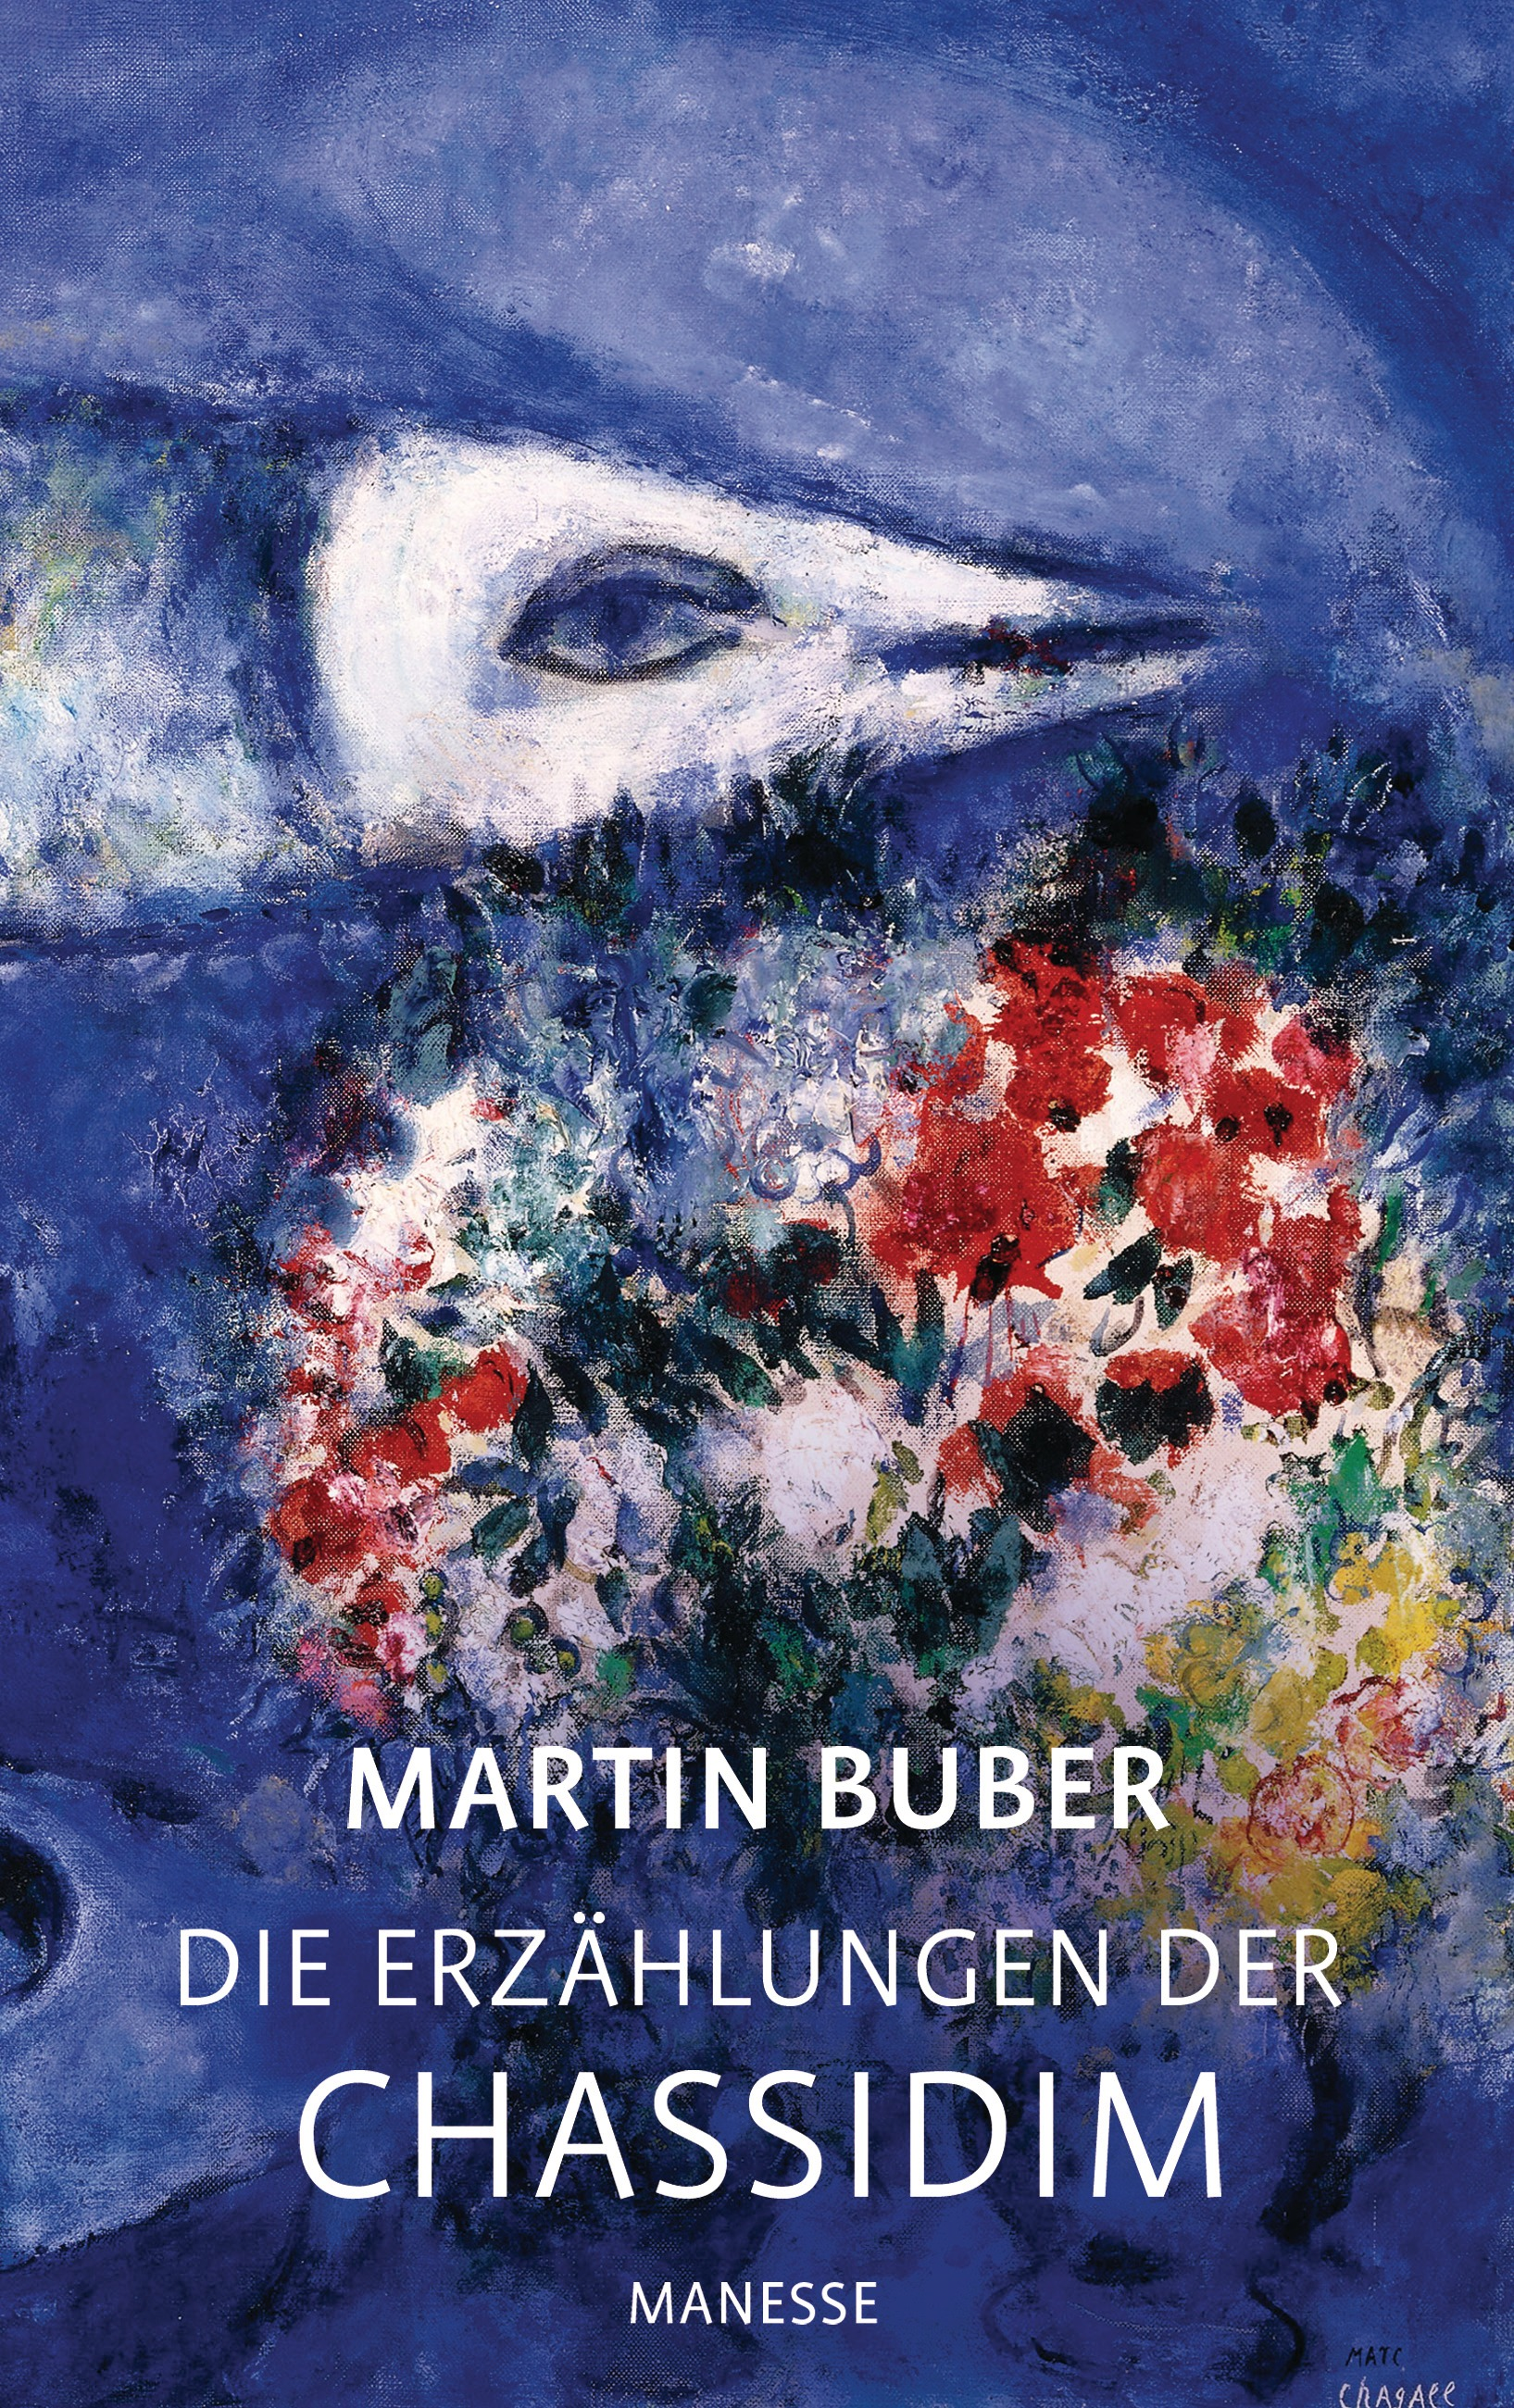 Die Erzaehlungen der Chassidim von Martin Buber